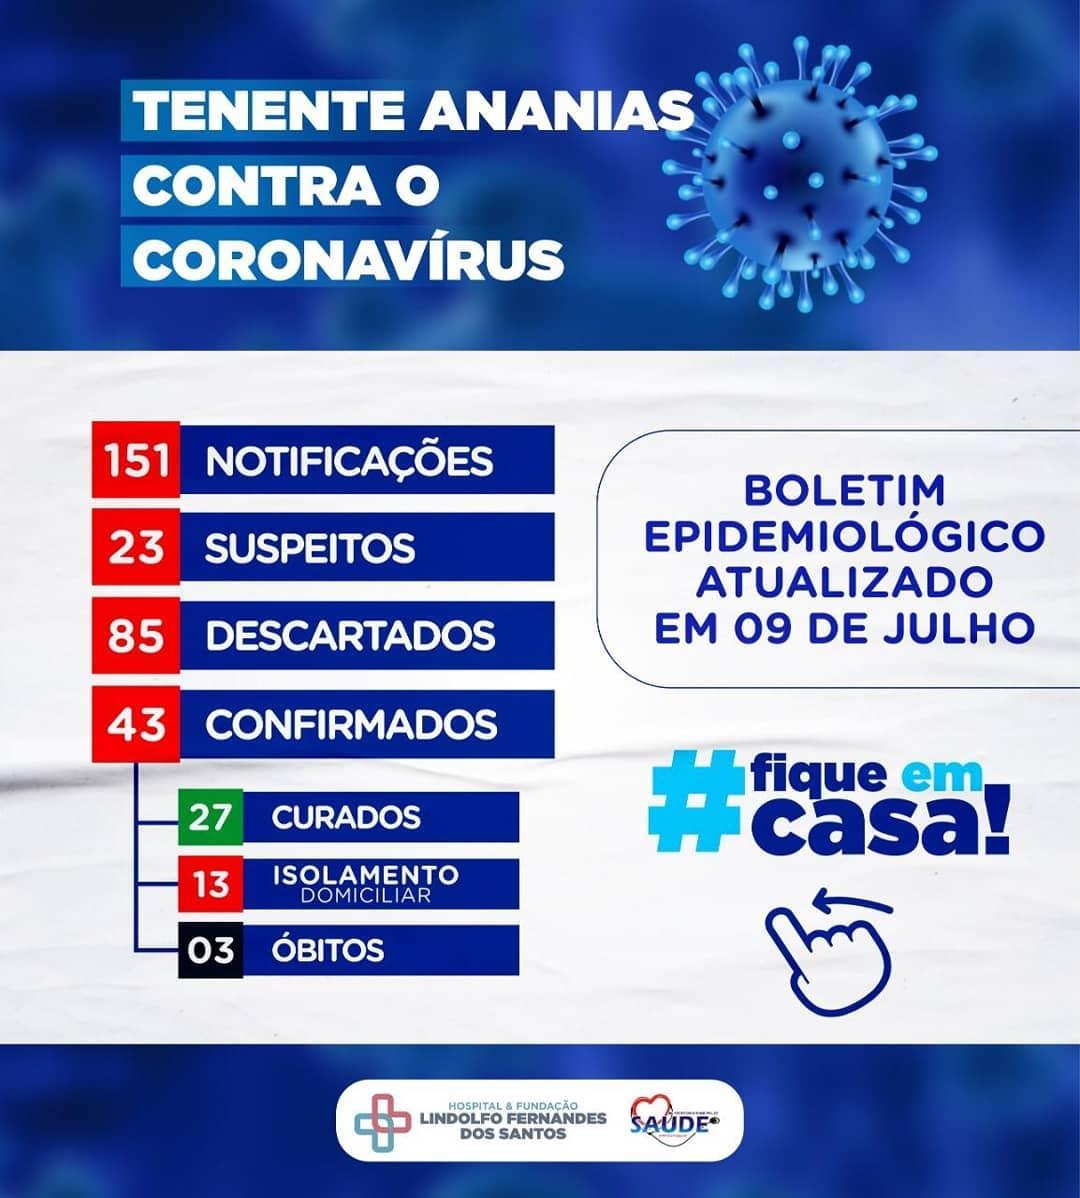 Boletim Epidemiológico, atualizado em 09 de julho de 2020